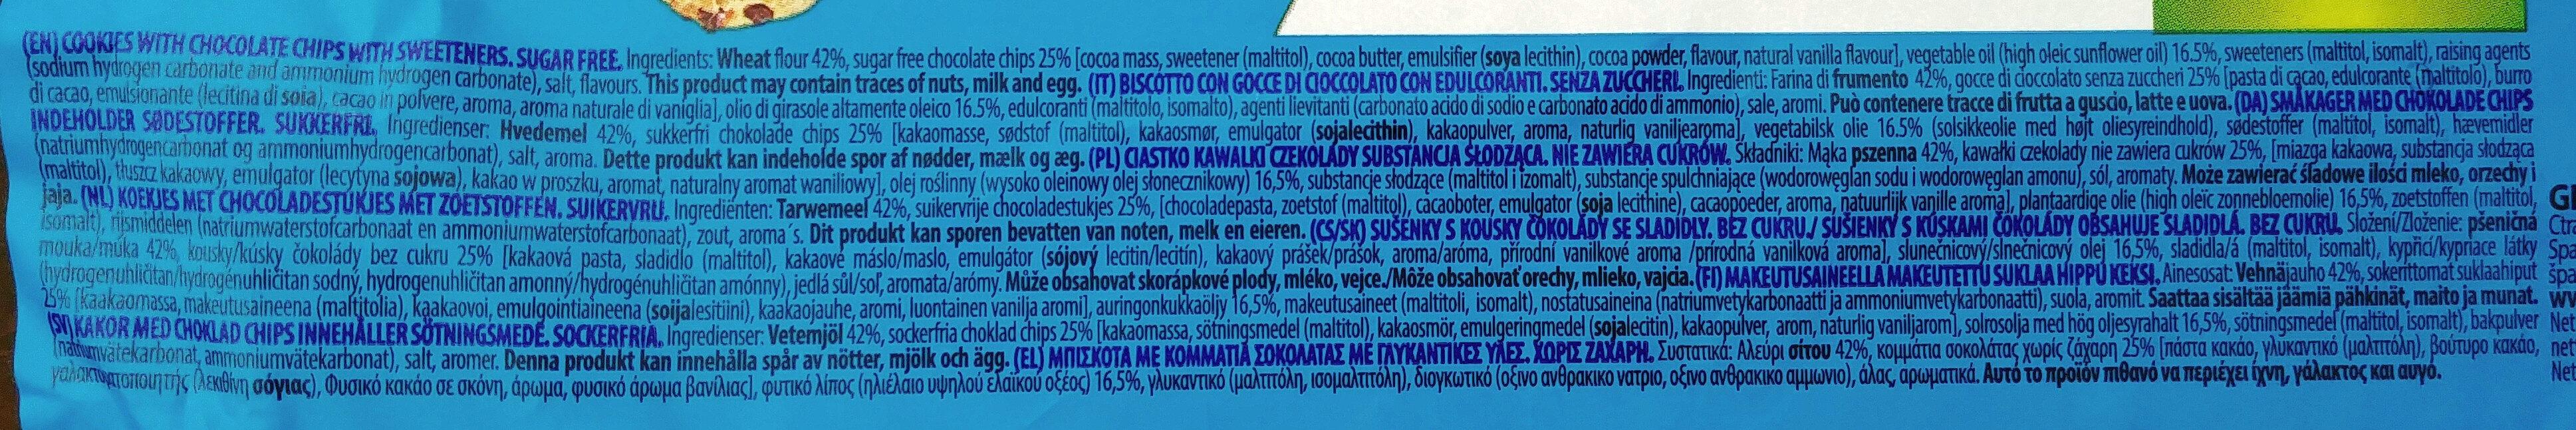 Choc Chip Cookies - Ingredients - en